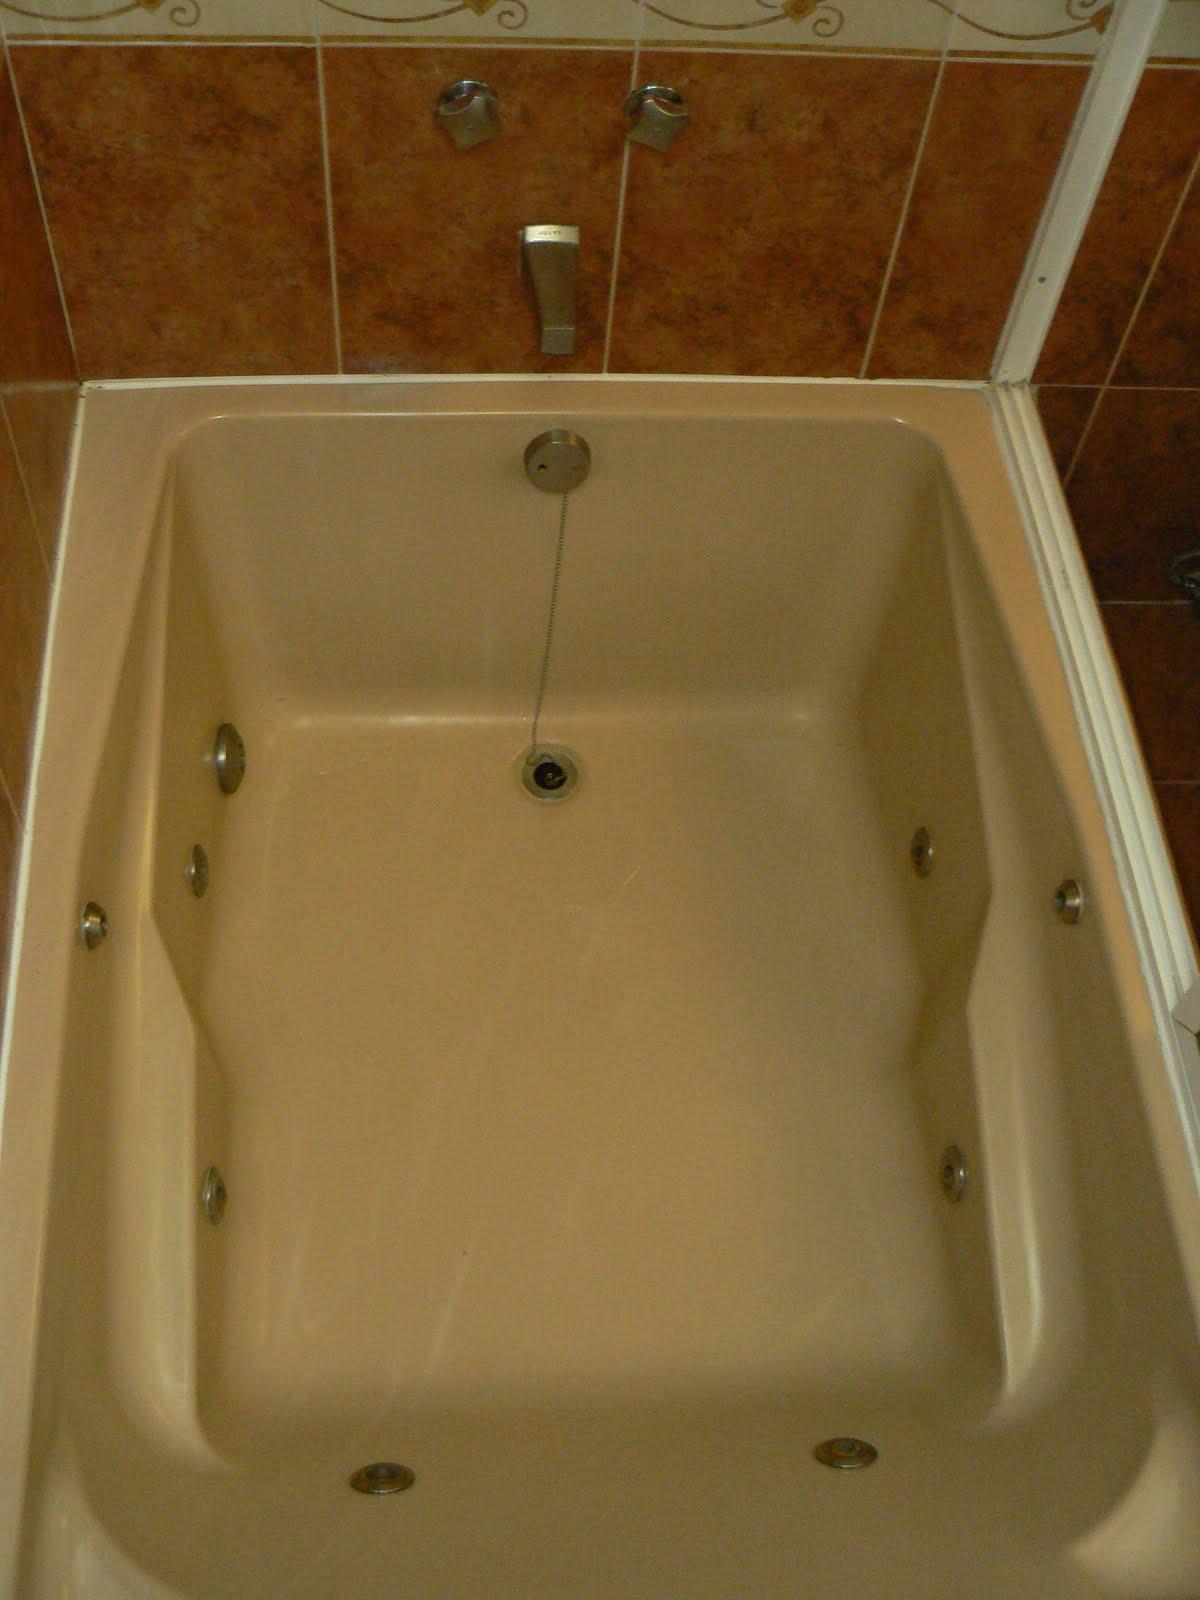 Tinas De Baño Con Regadera: por la habitación , opté por no quitarme los tacones para nada